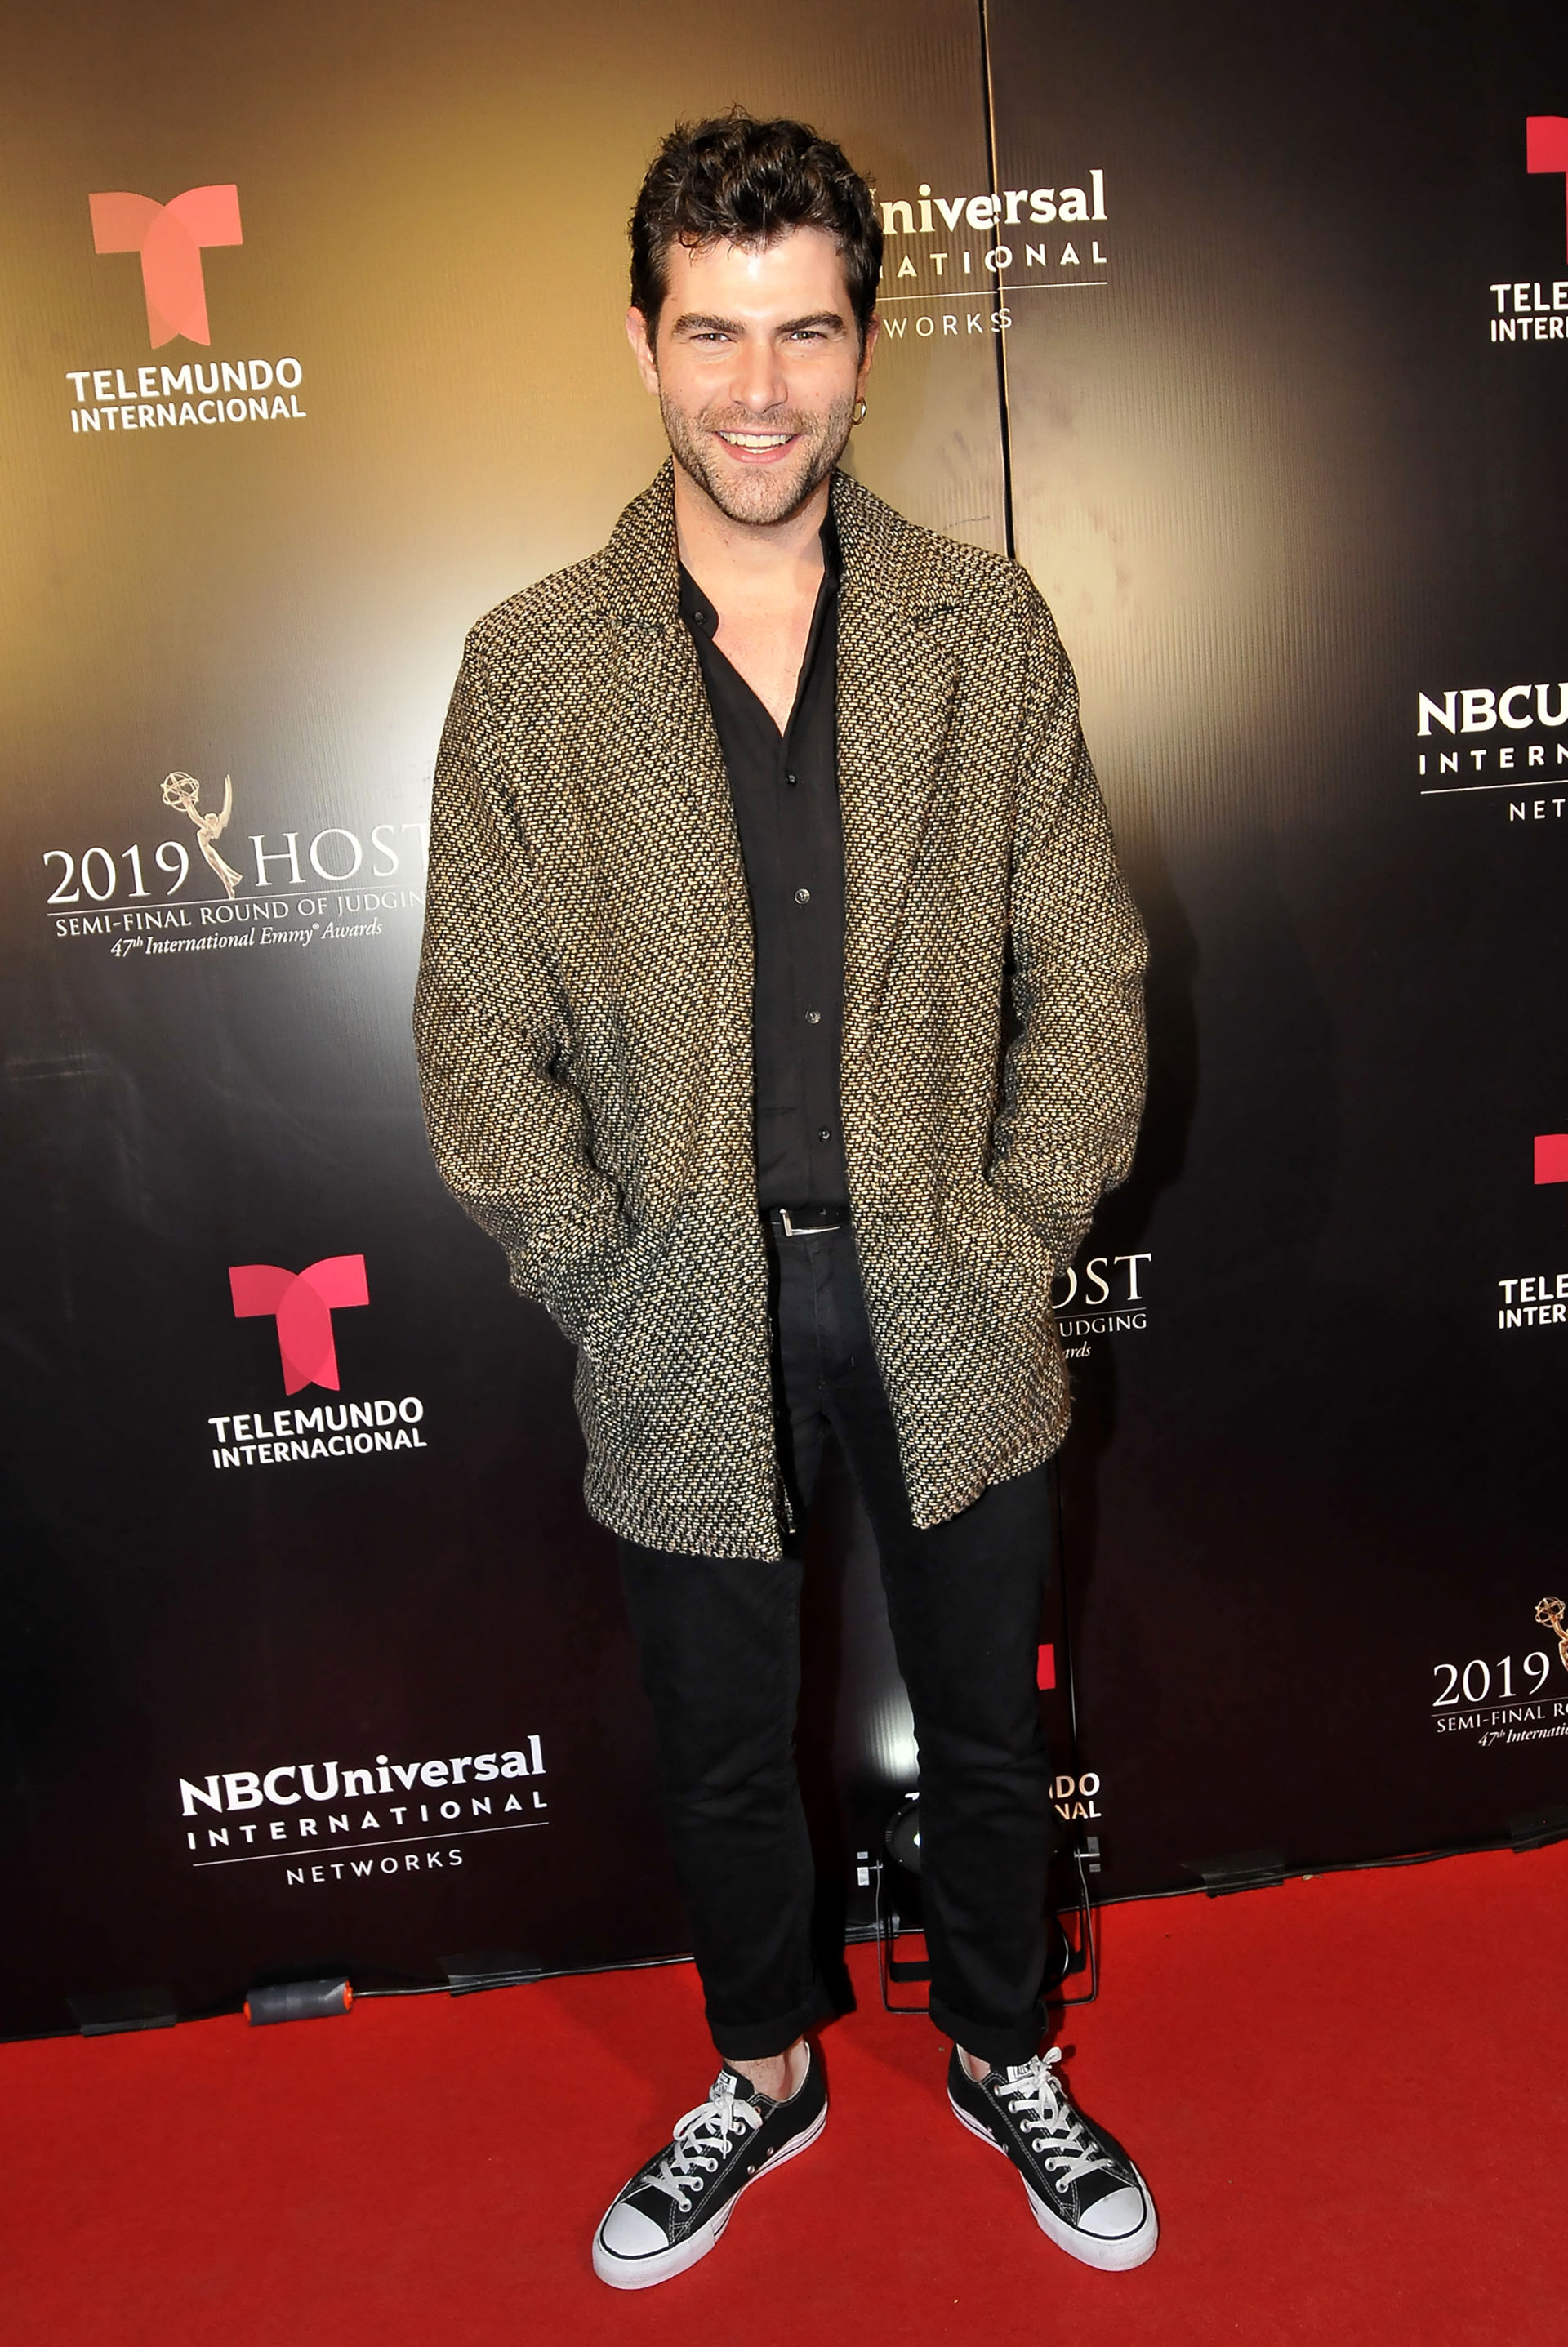 Diego Domínguez